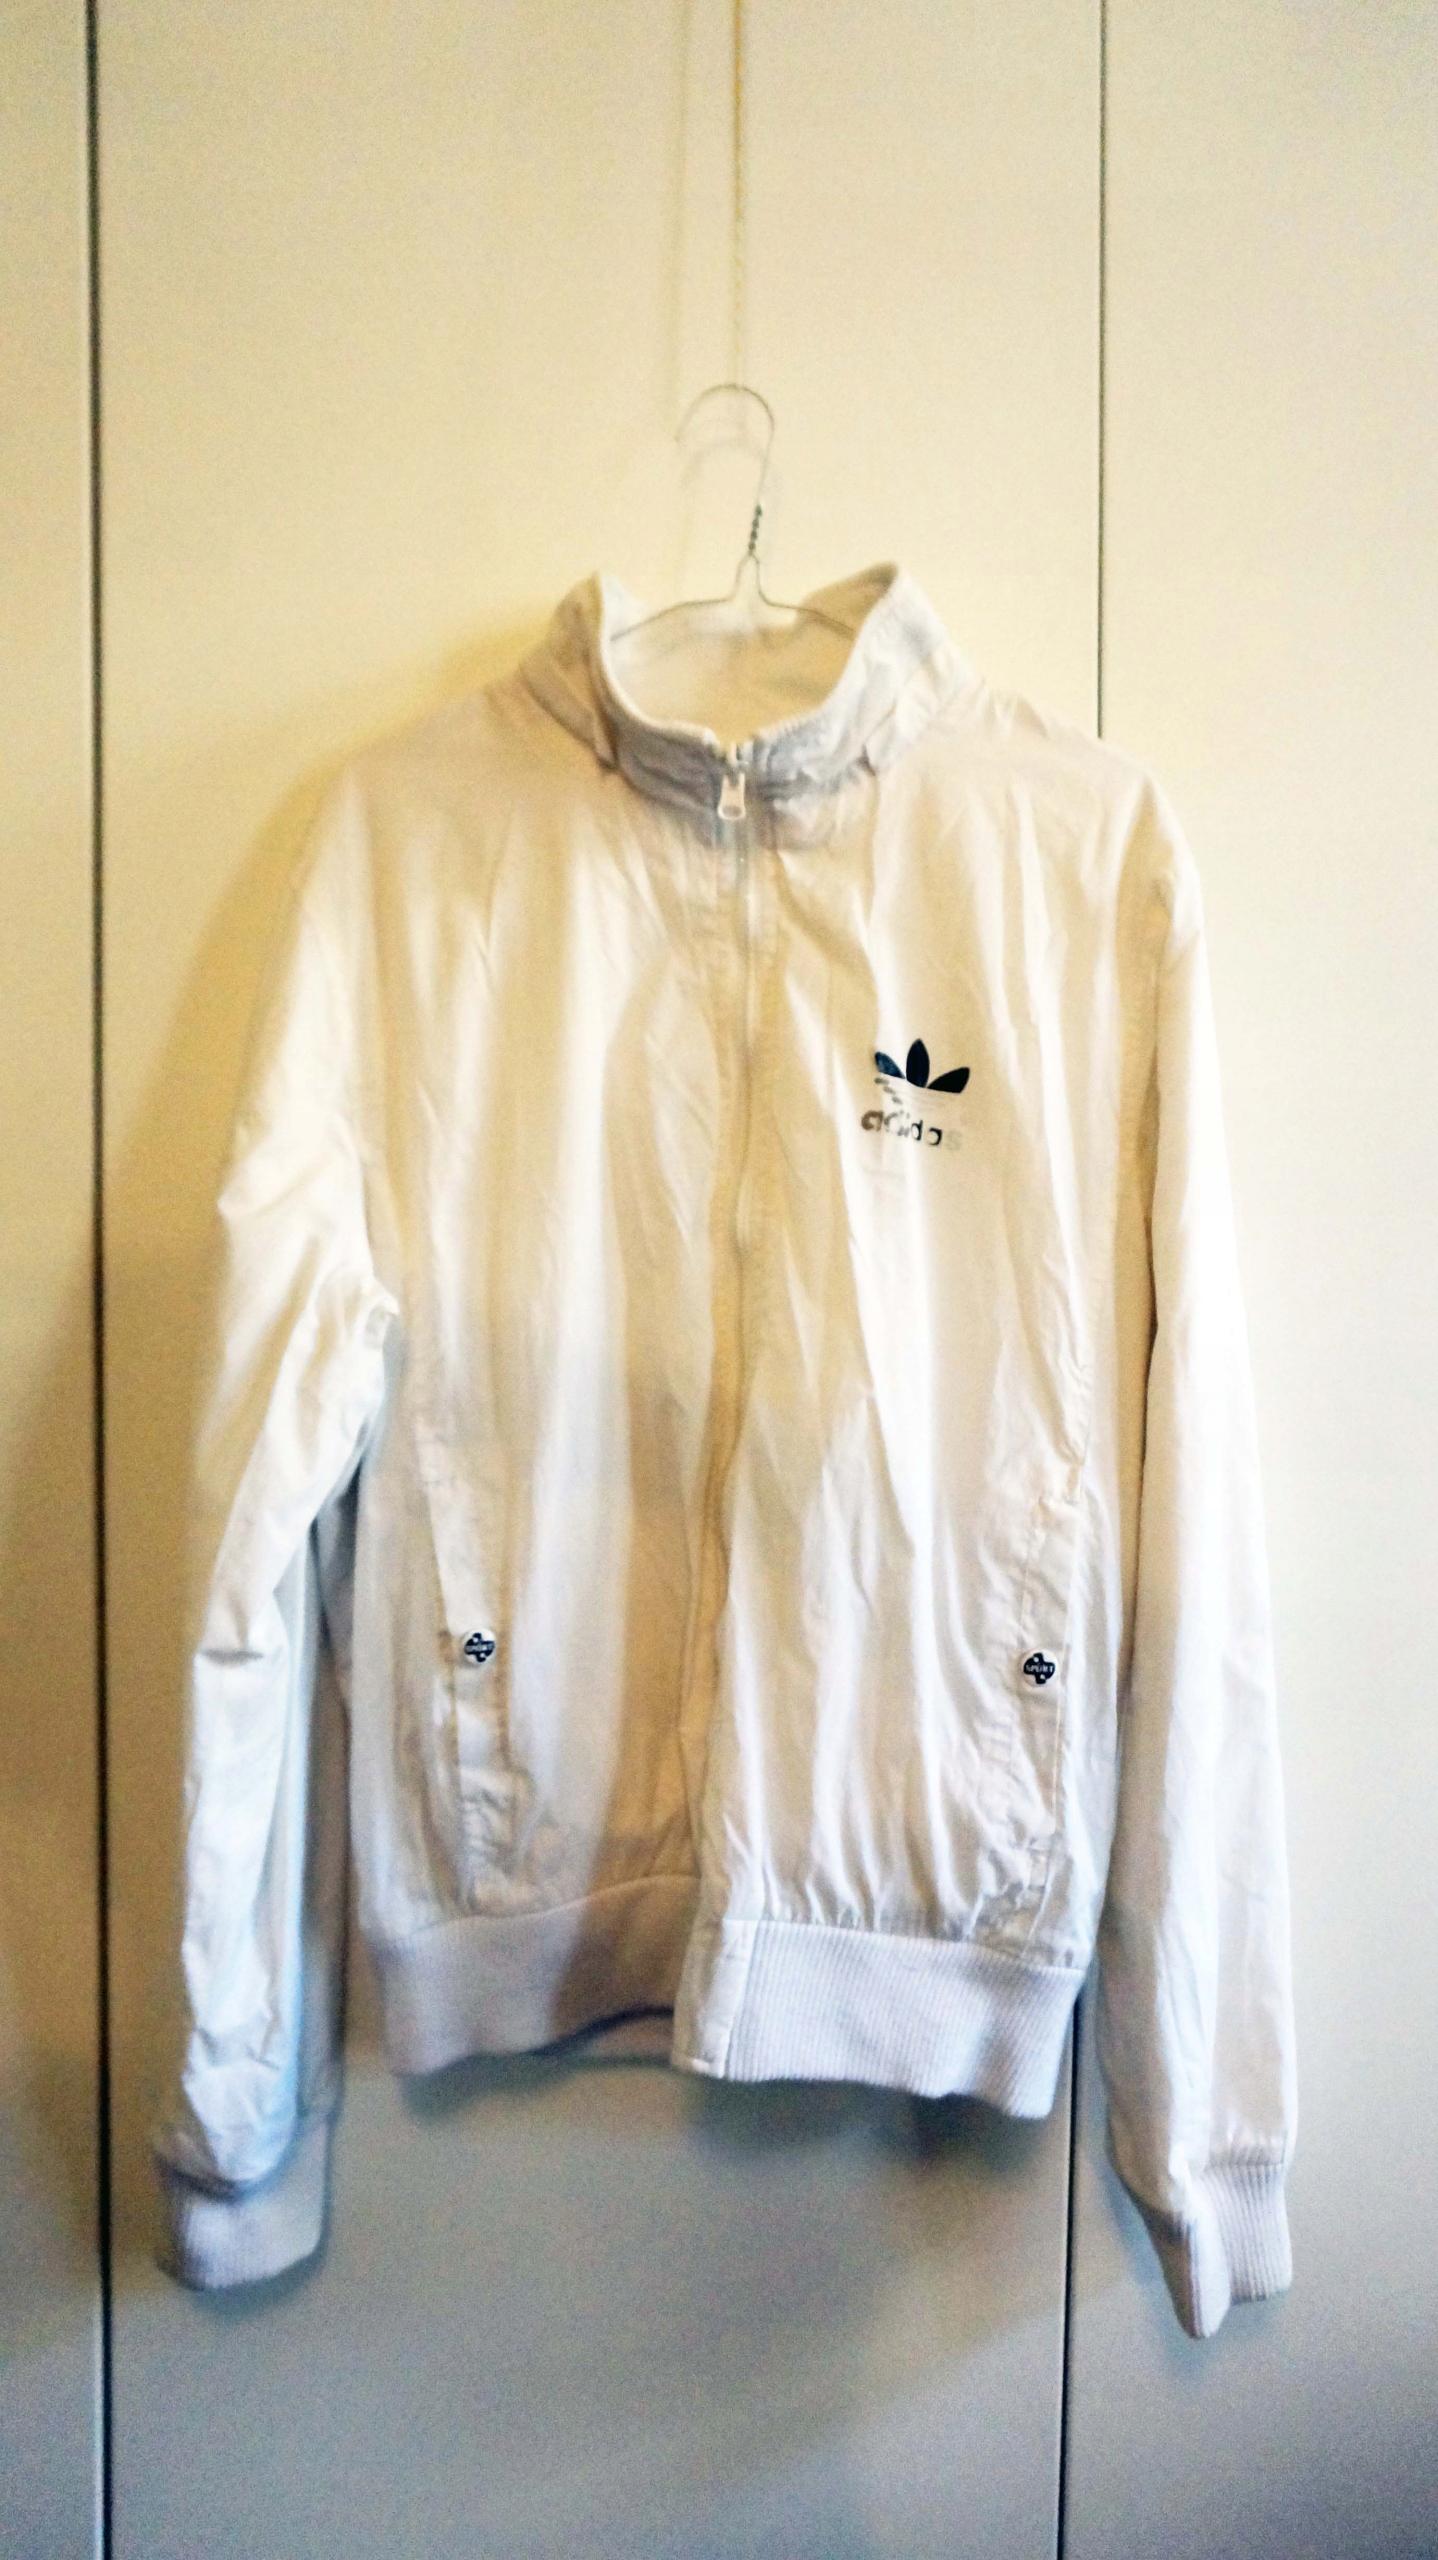 Kurtka dwustronna Adidas biała 7619153104 oficjalne